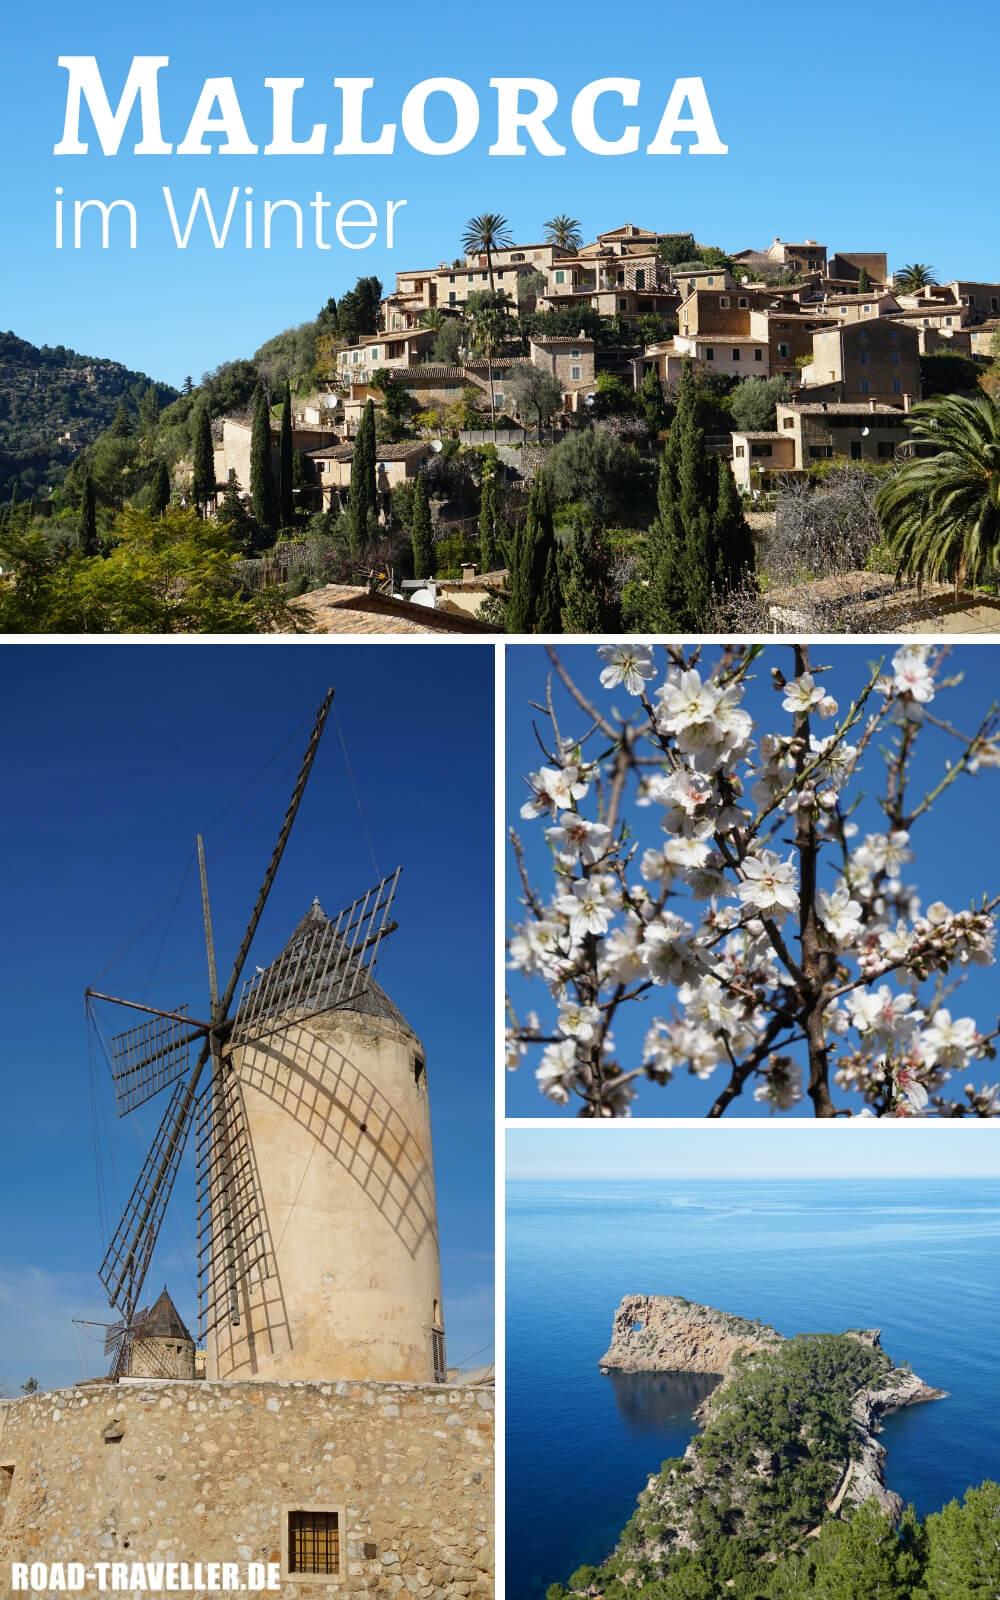 Mallorca im Winter zur Mandelbluete erleben - unsere Tipps und Highlights